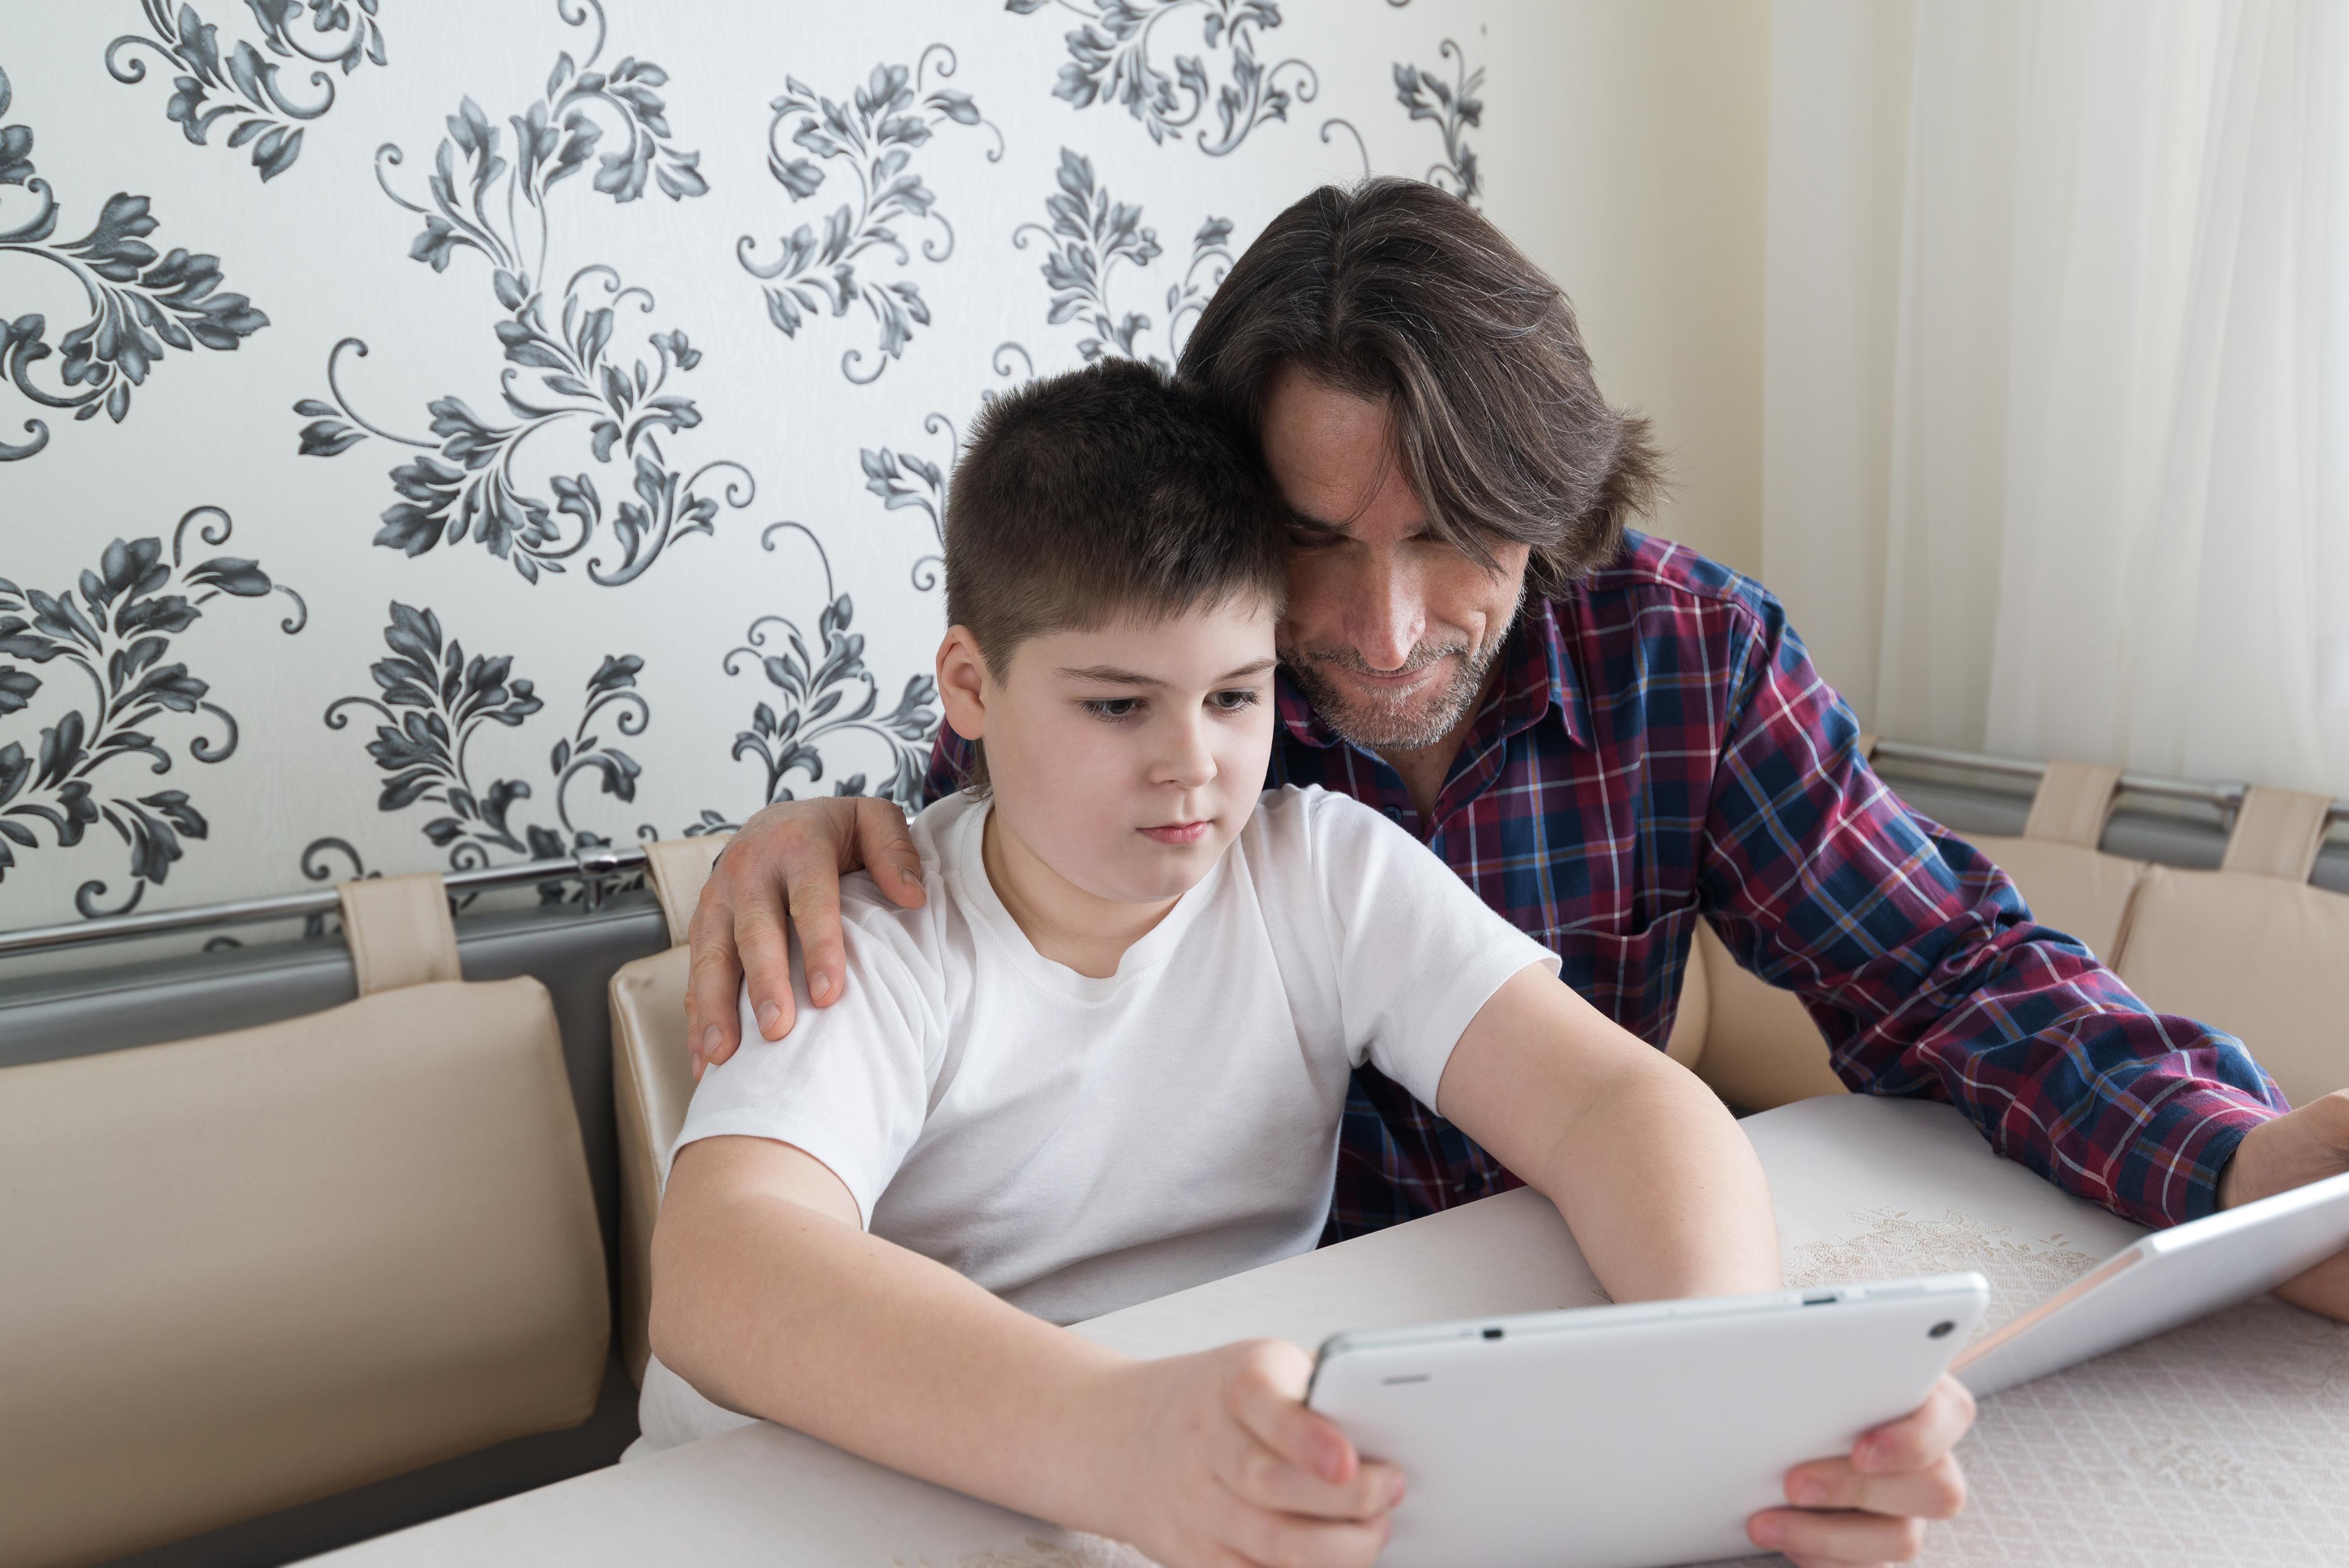 Att be barnet lära en hur det fungerar kan göra att man får större insyn i vad som pågår på nätet.